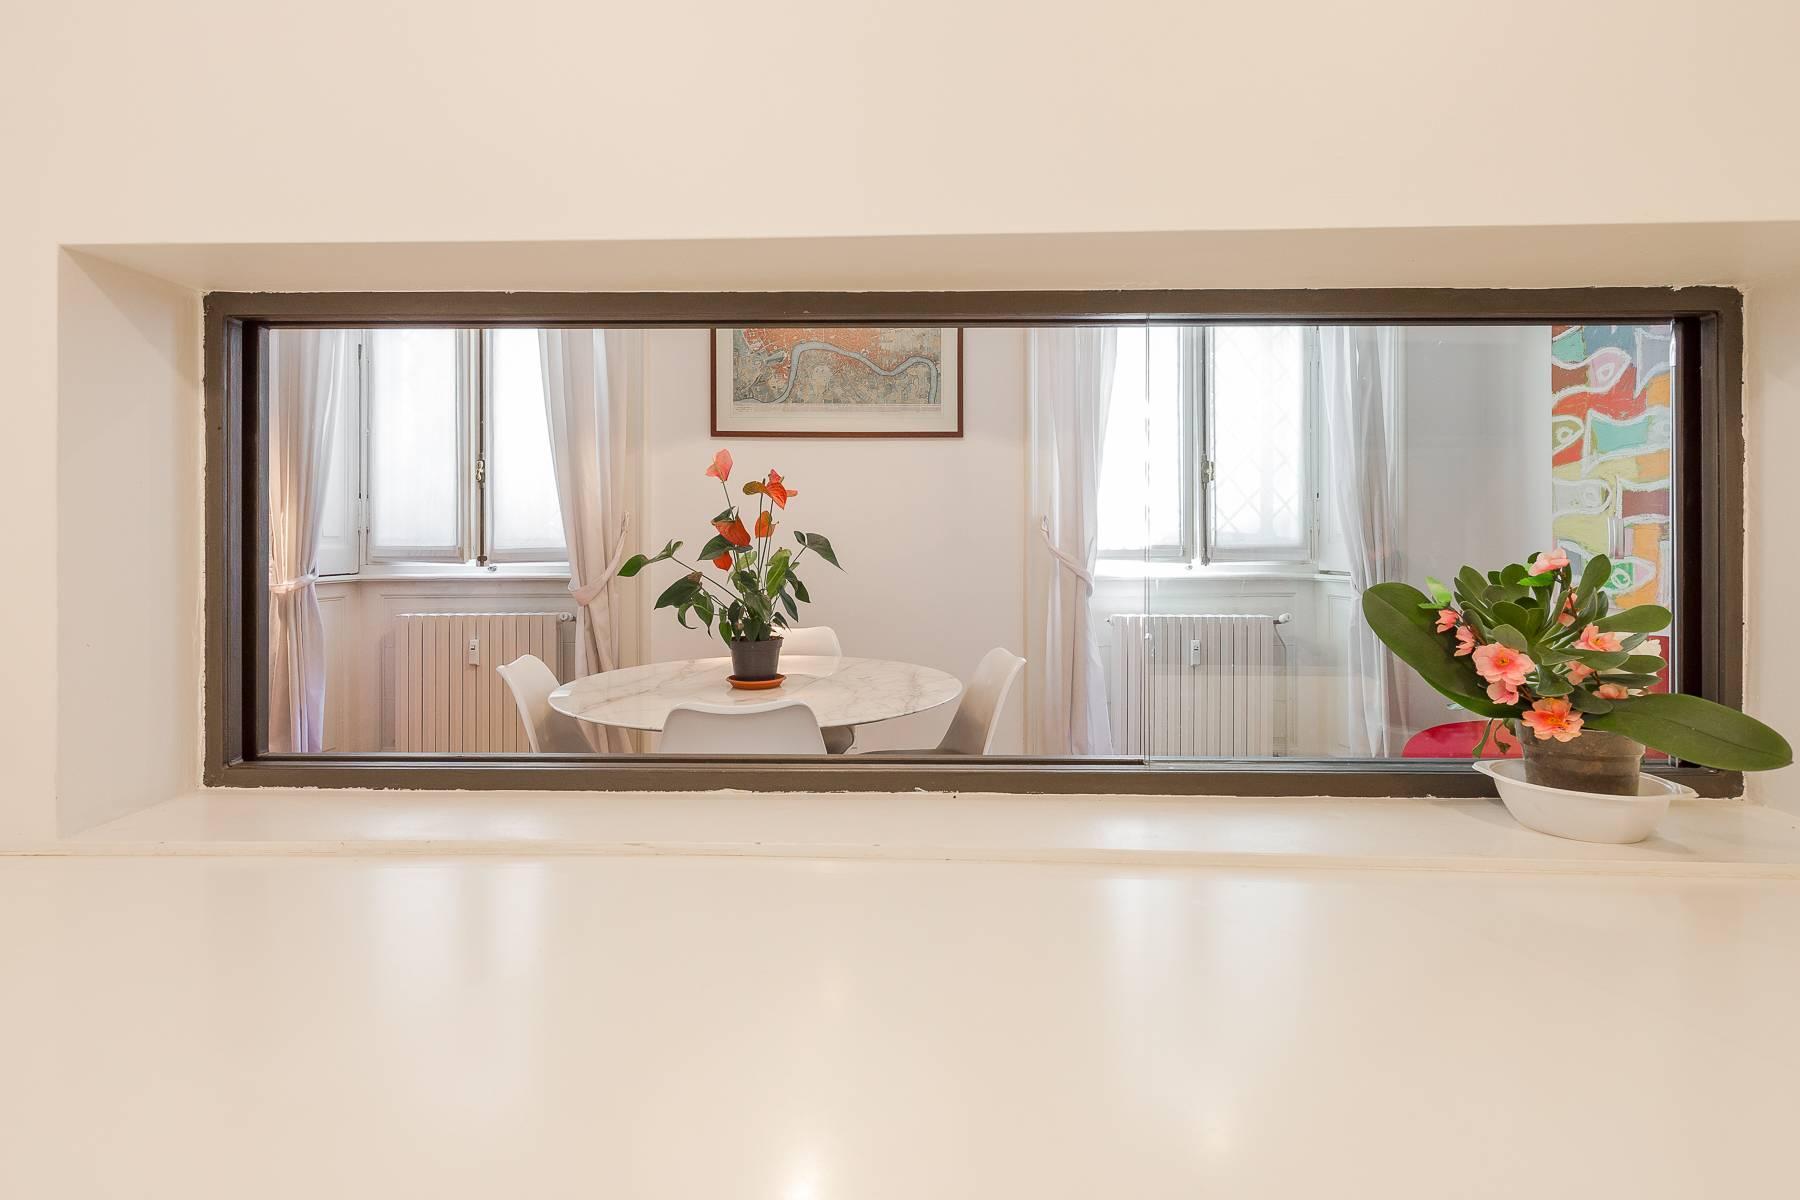 位于布雷拉区Via Montebello与De Marchi交汇处的公寓/复式 - 19